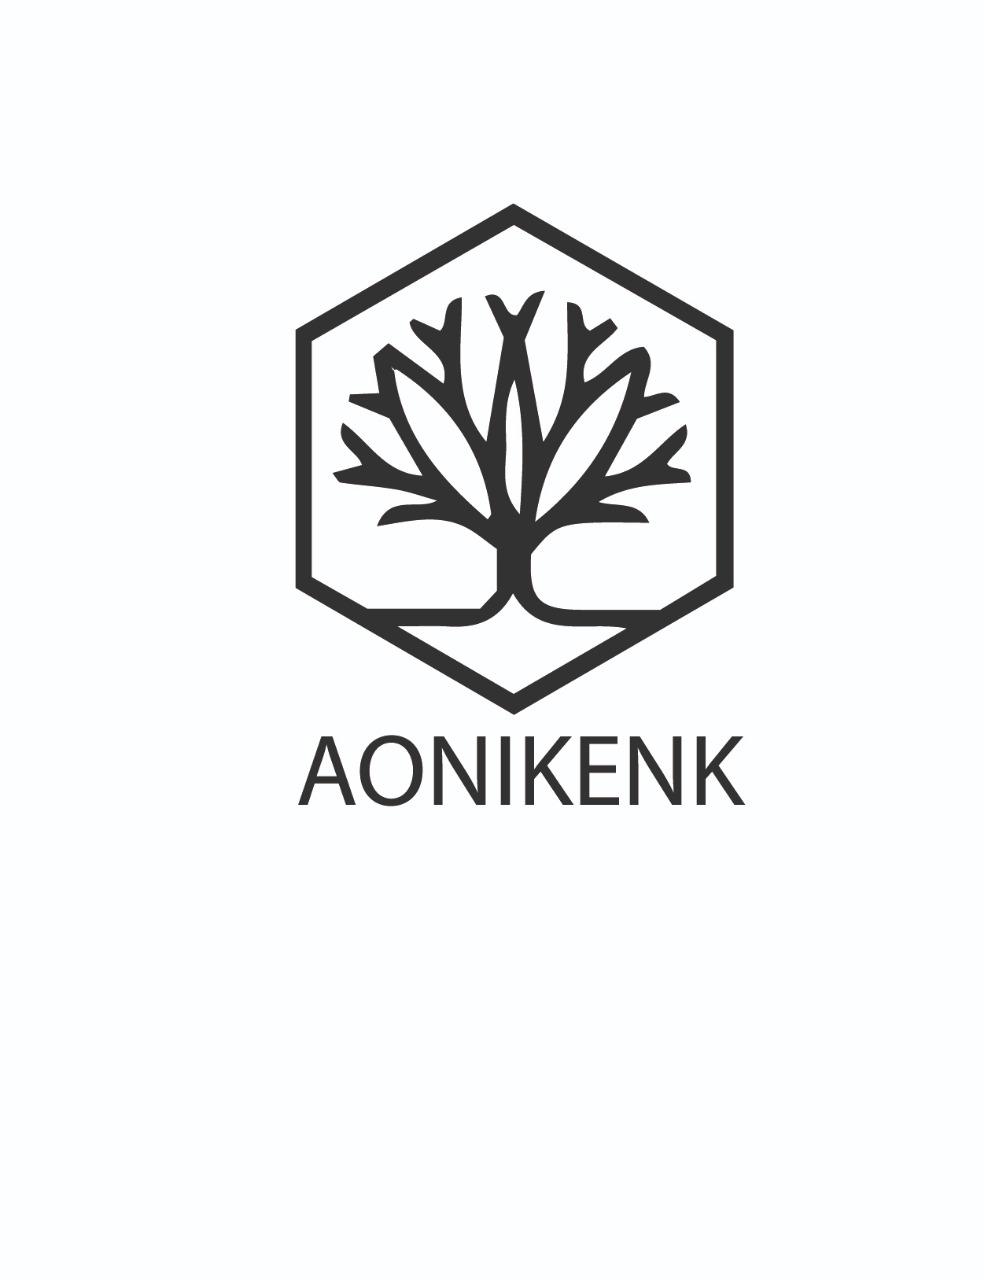 Aonikenk